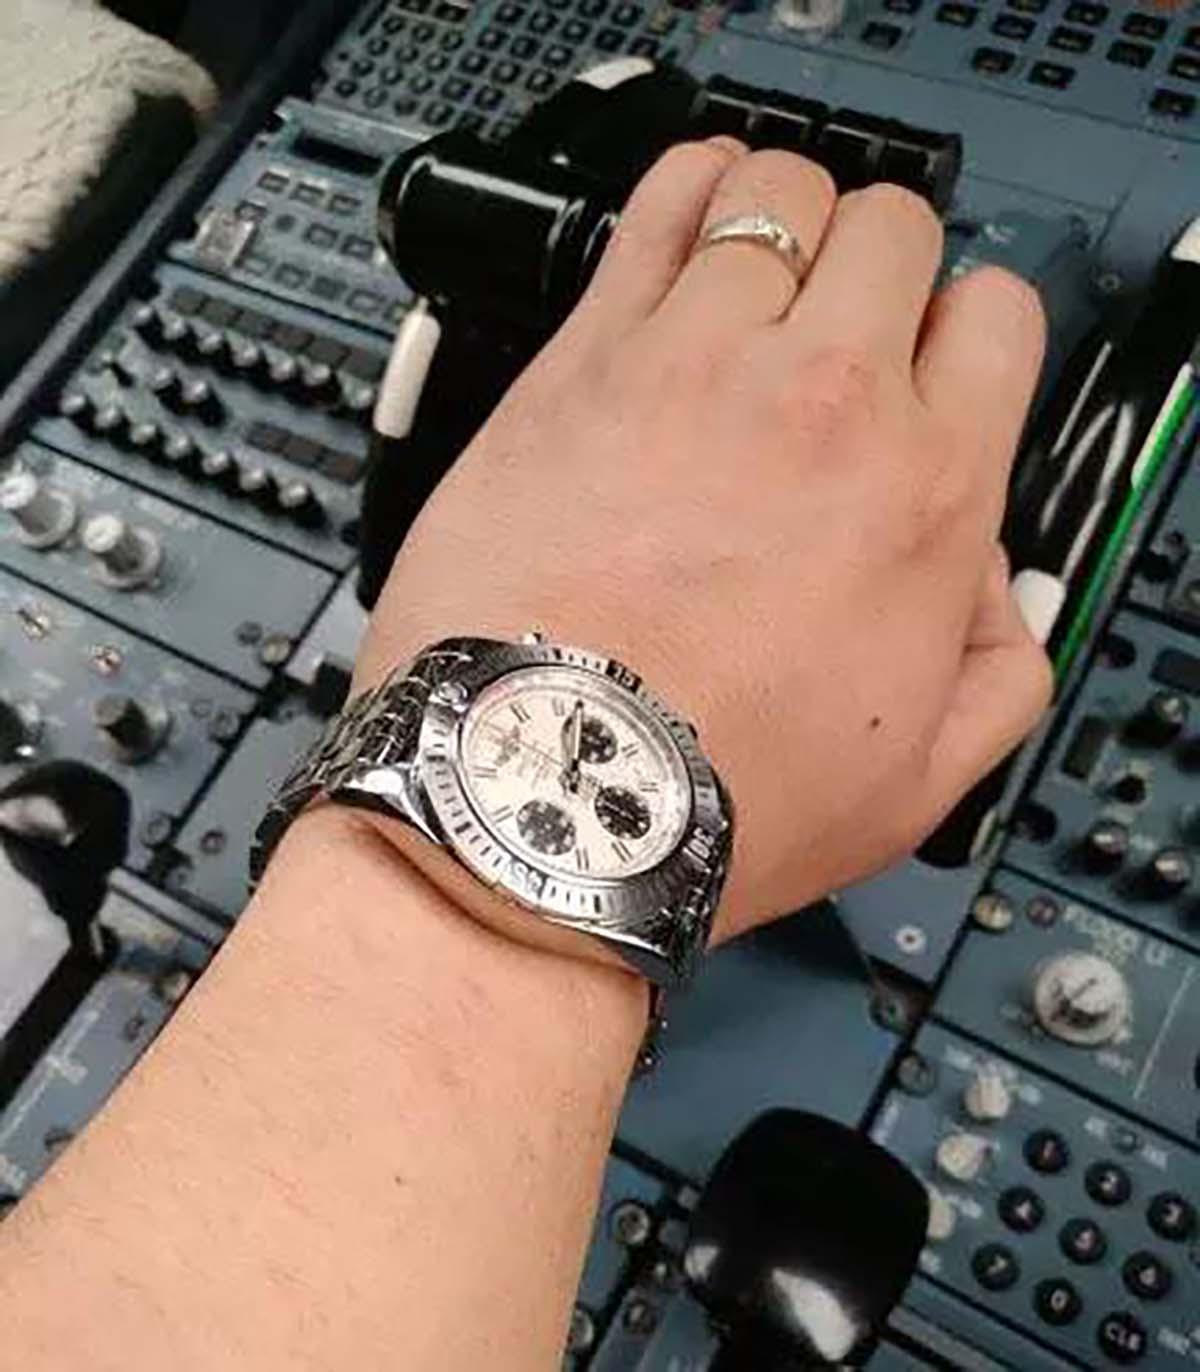 GF厂百年灵机械计时飞行员AB01442J复刻腕表做工细节如何-品鉴GF厂复刻